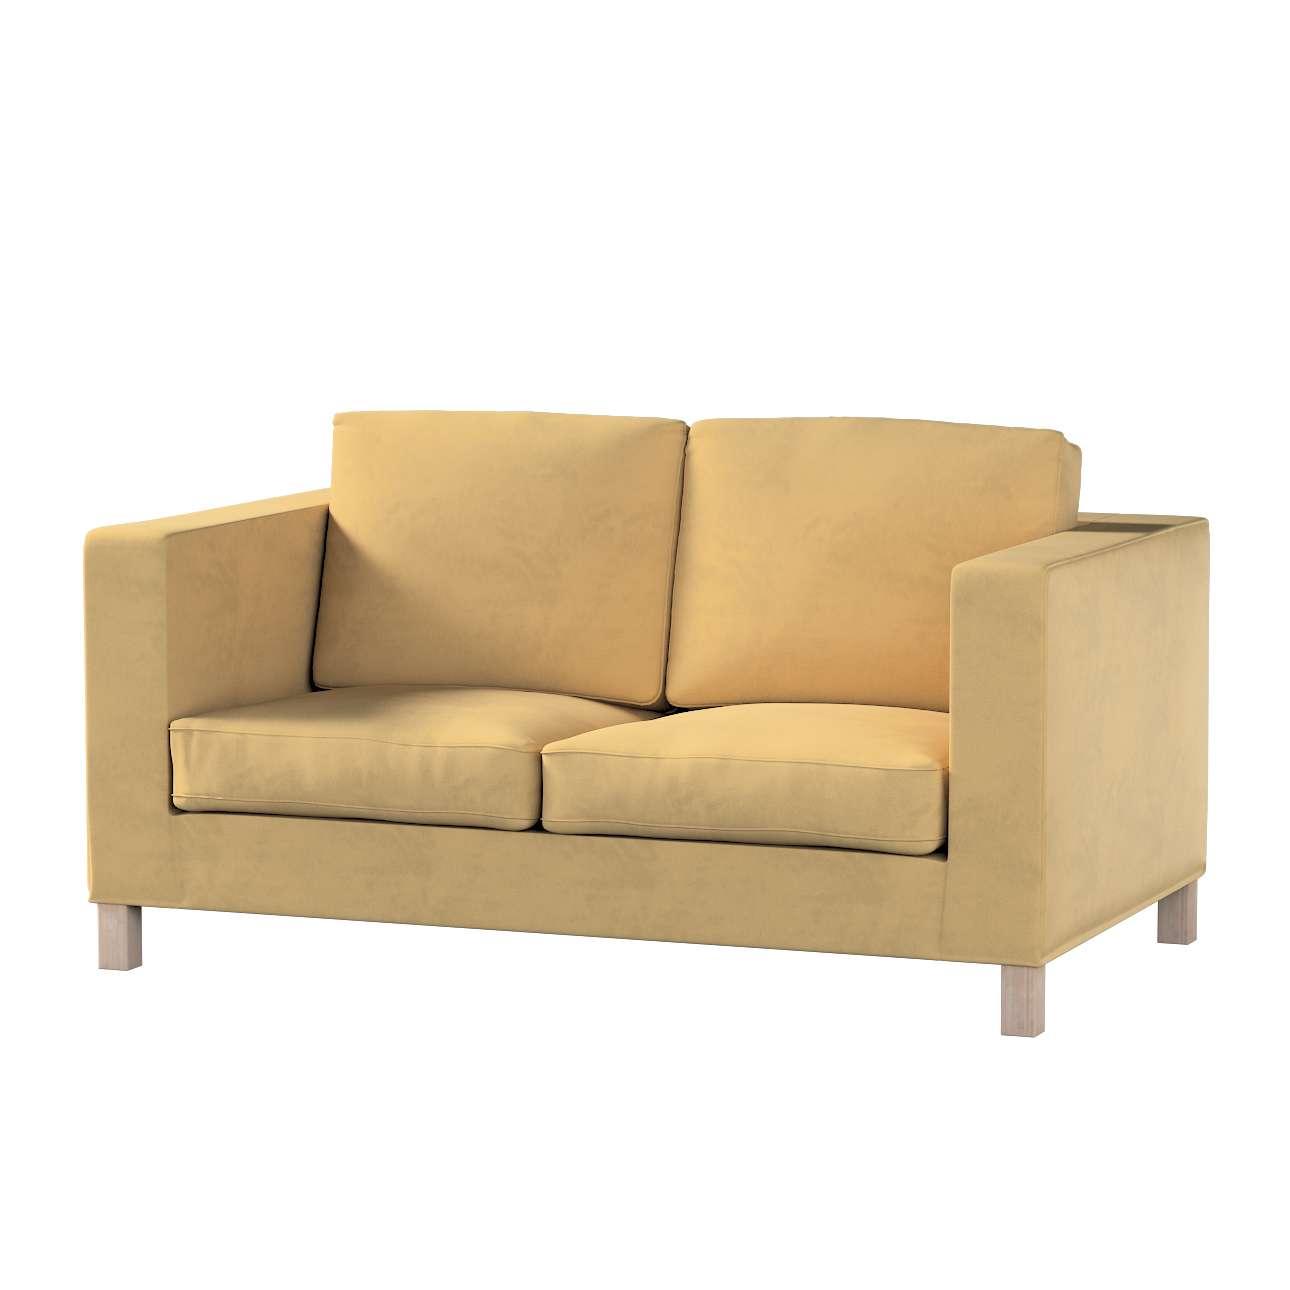 Karlanda klädsel<br>2-sits soffa - kort klädsel i kollektionen Living 2, Tyg: 160-93